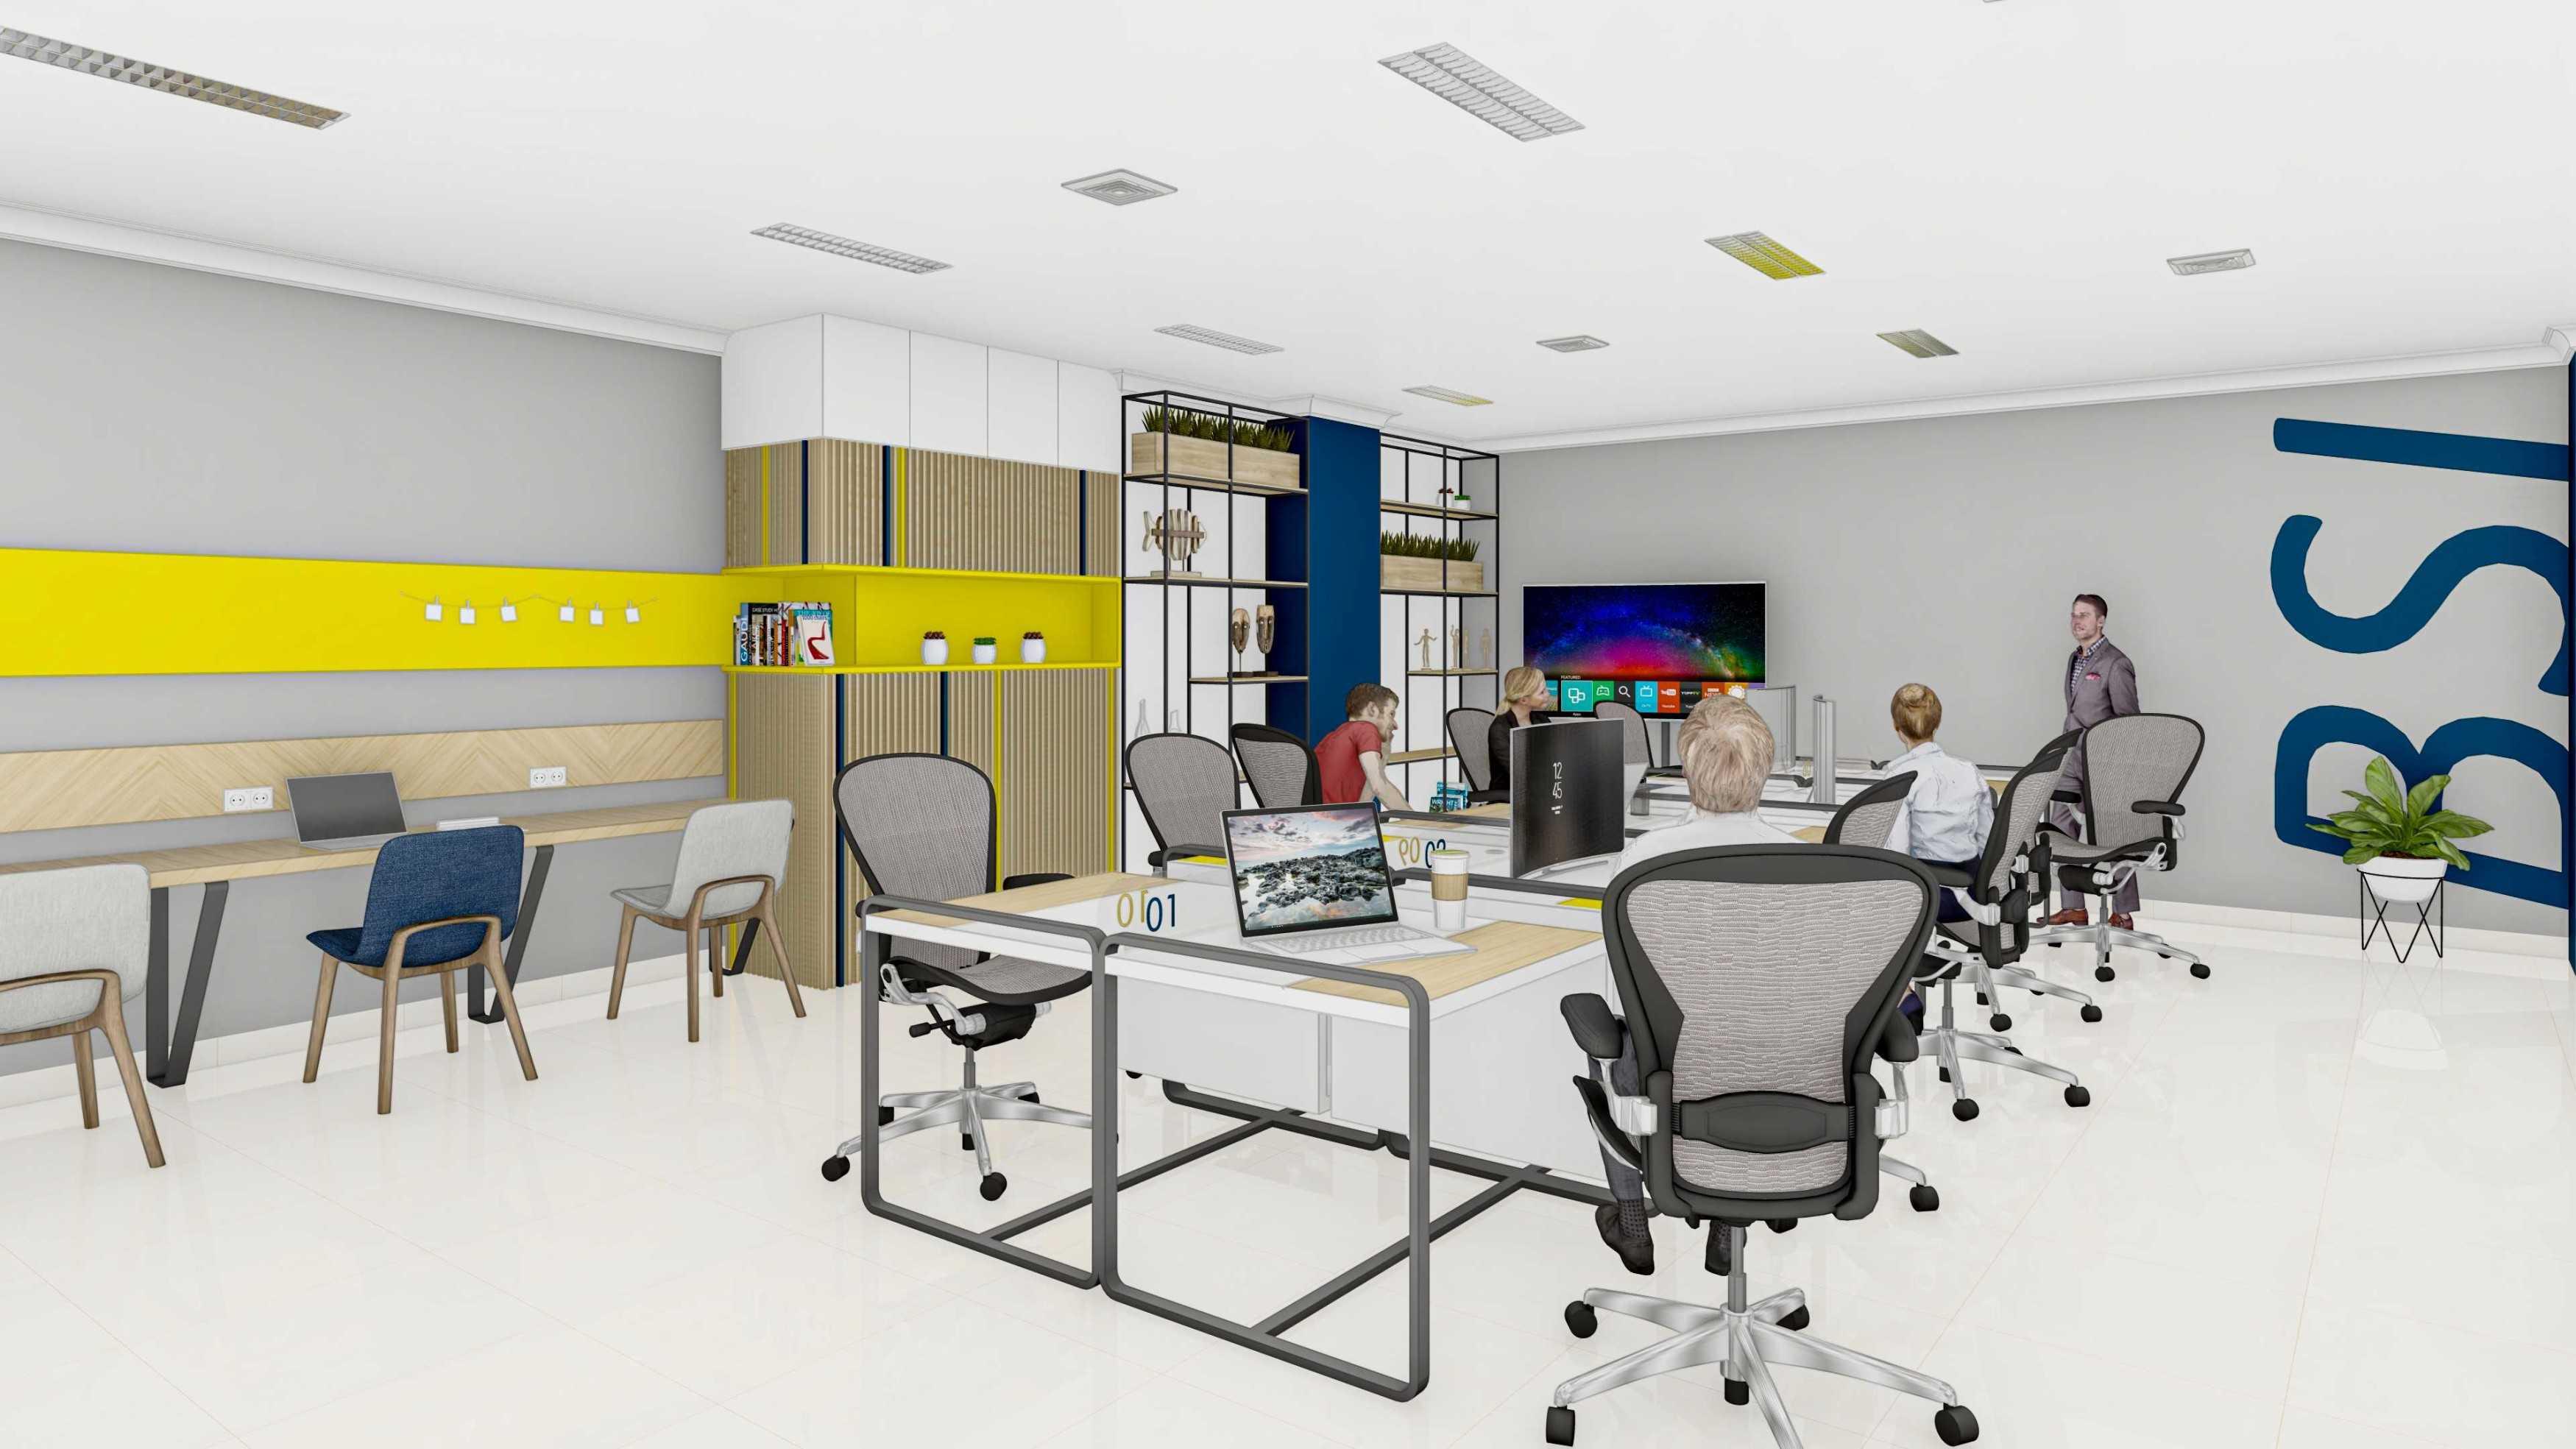 iap-architect-bsi-uad-interior1616041398-l